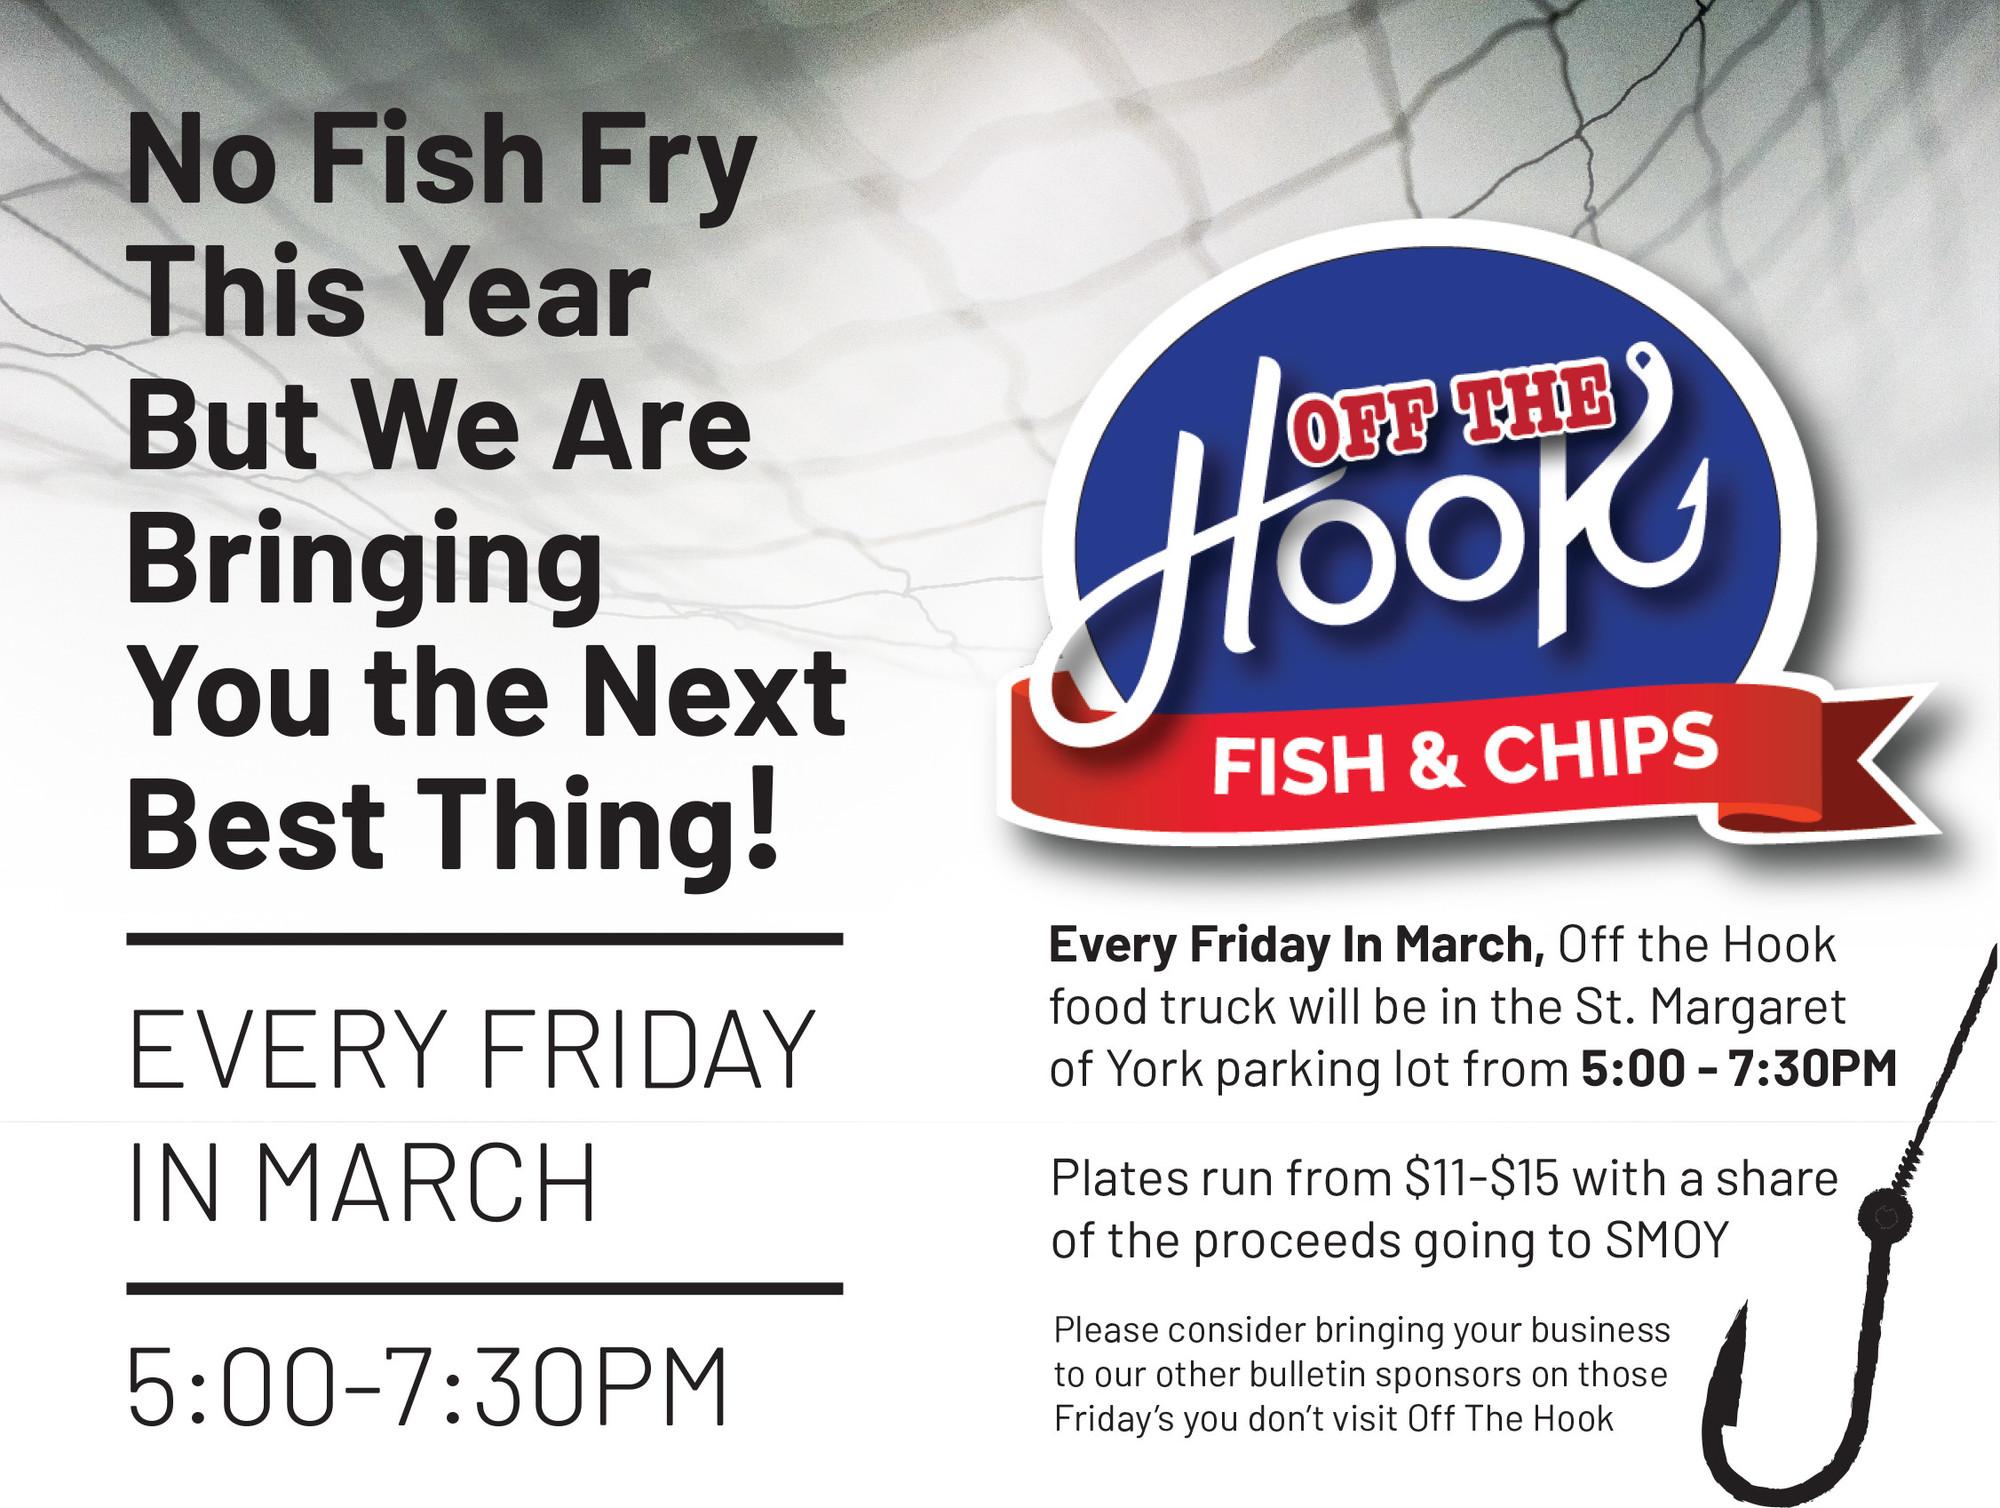 No Fish Fry